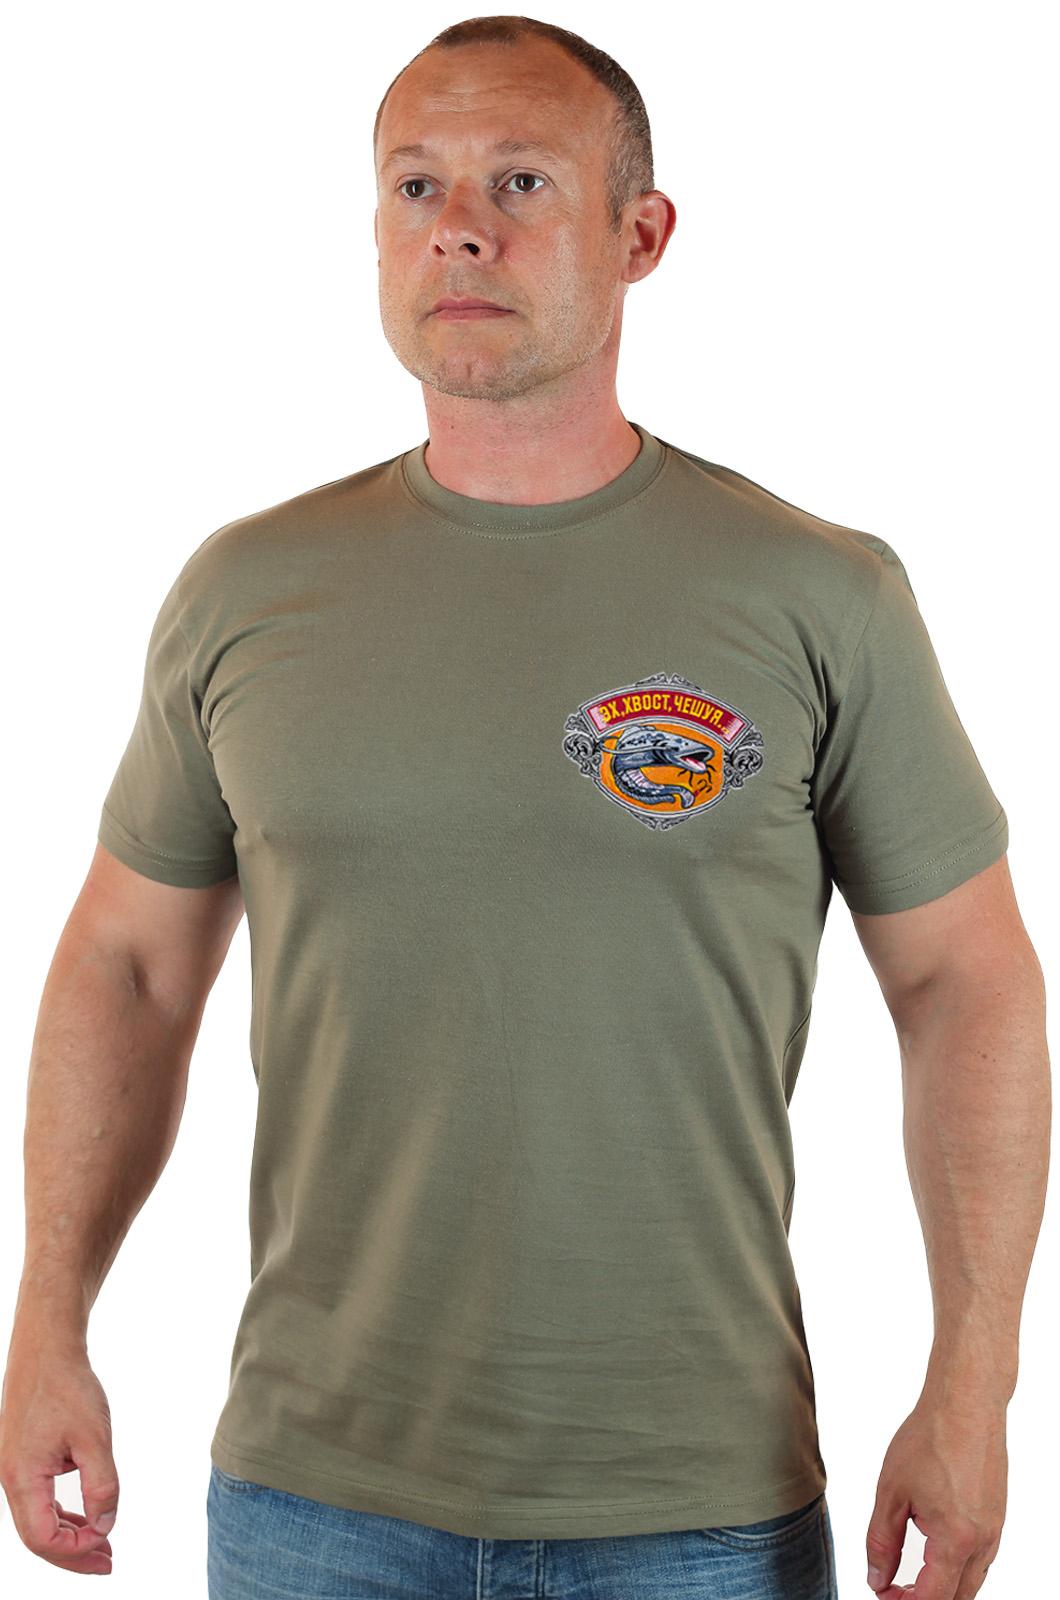 Купить в военторге Военпро крутую футболку рыбака